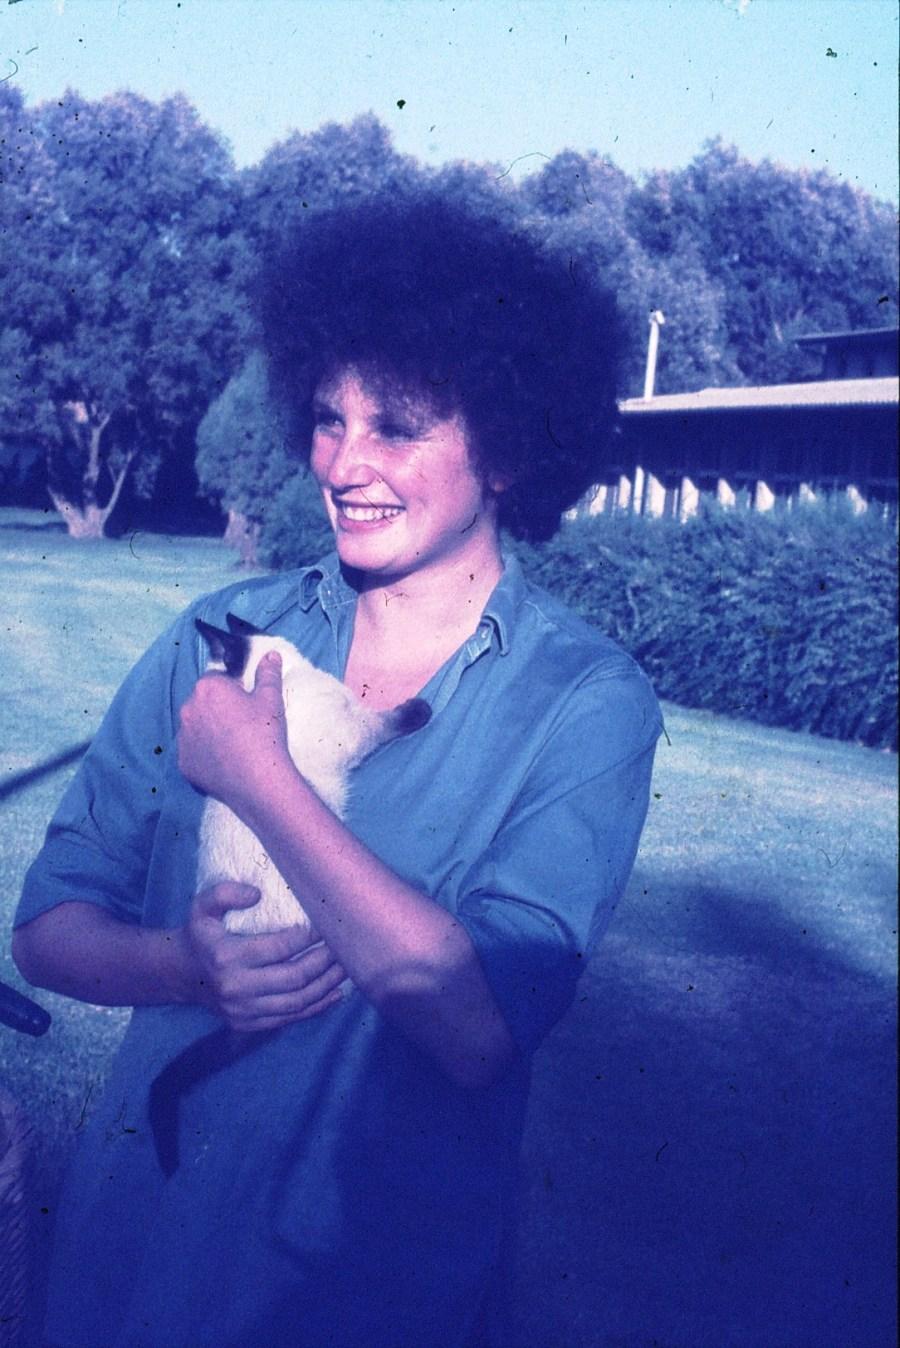 שקופית 34- 296 -ג'ש 1975-9-במוסד החינוכי-נערה-לזיהוי